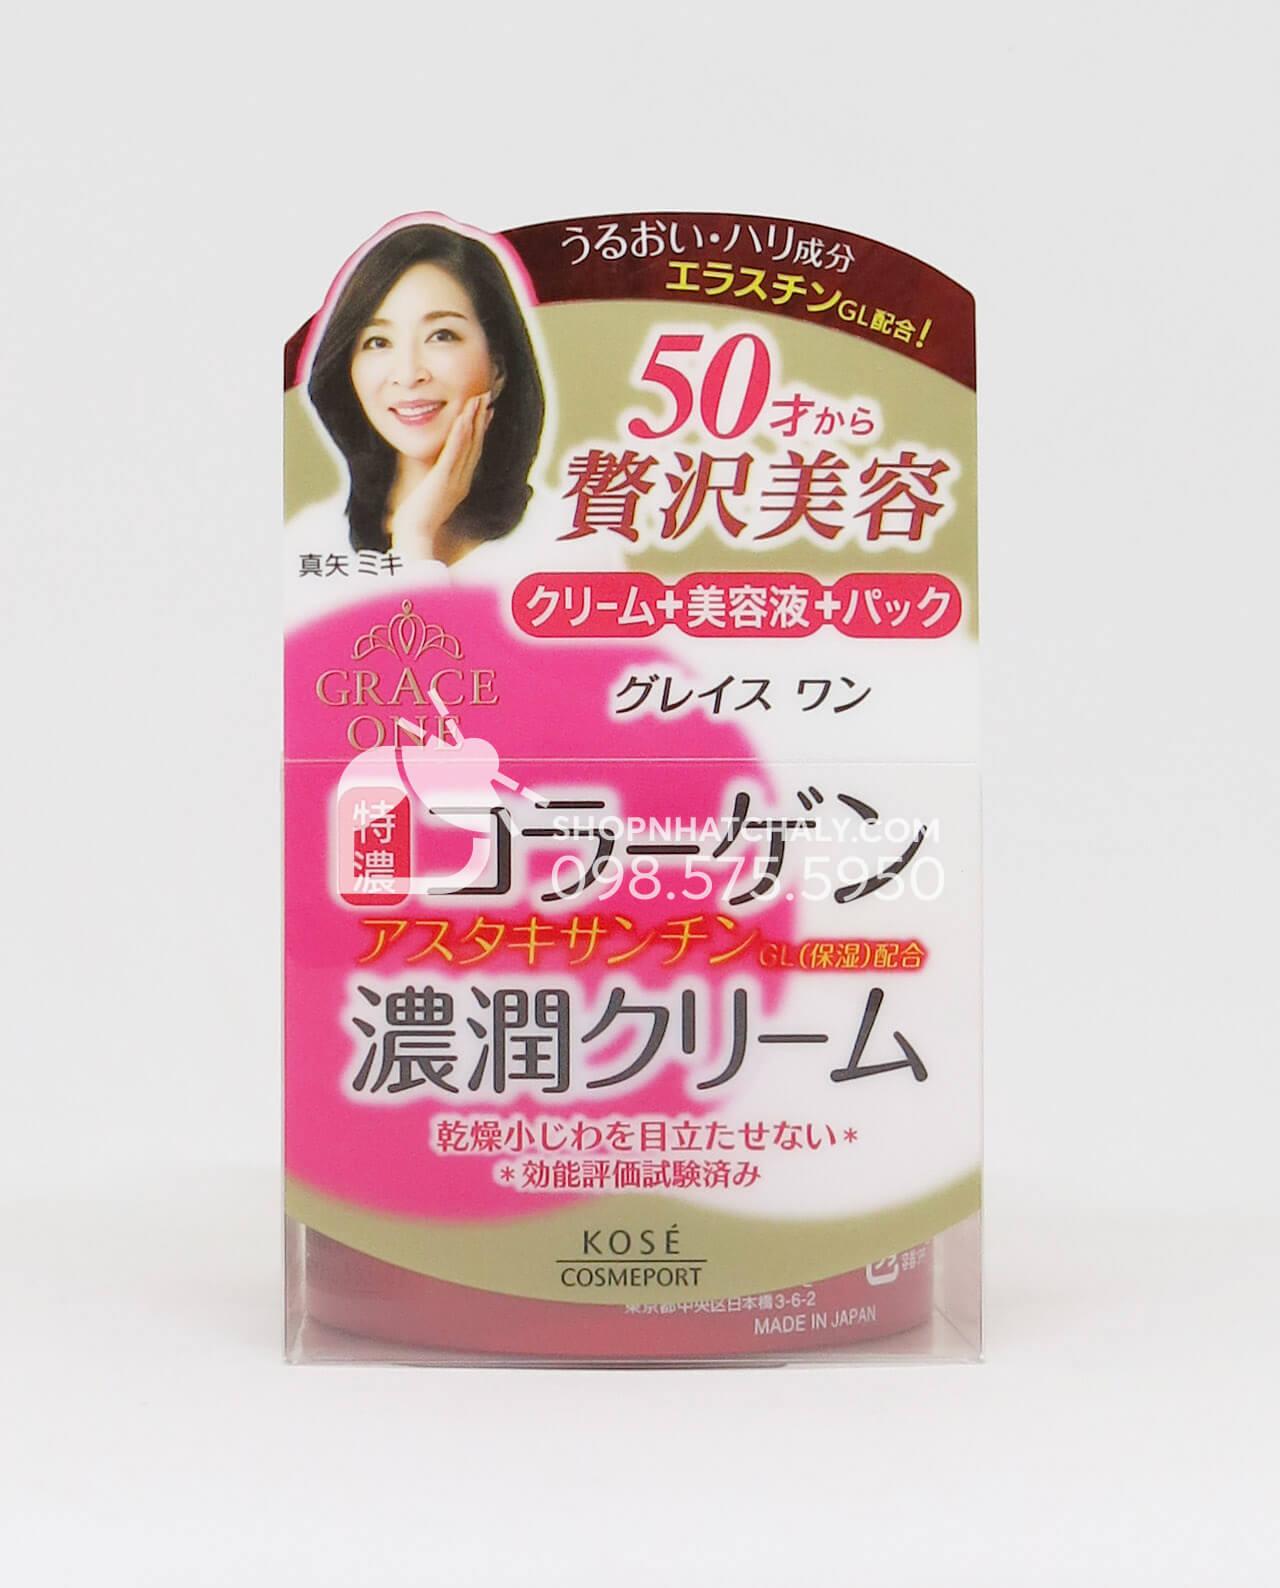 Kem dưỡng da Kose Grace One Collagen Enriched Nhật dành cho phụ nữ trên 50 tuổi đỏ giảm nhăn mẫu mới